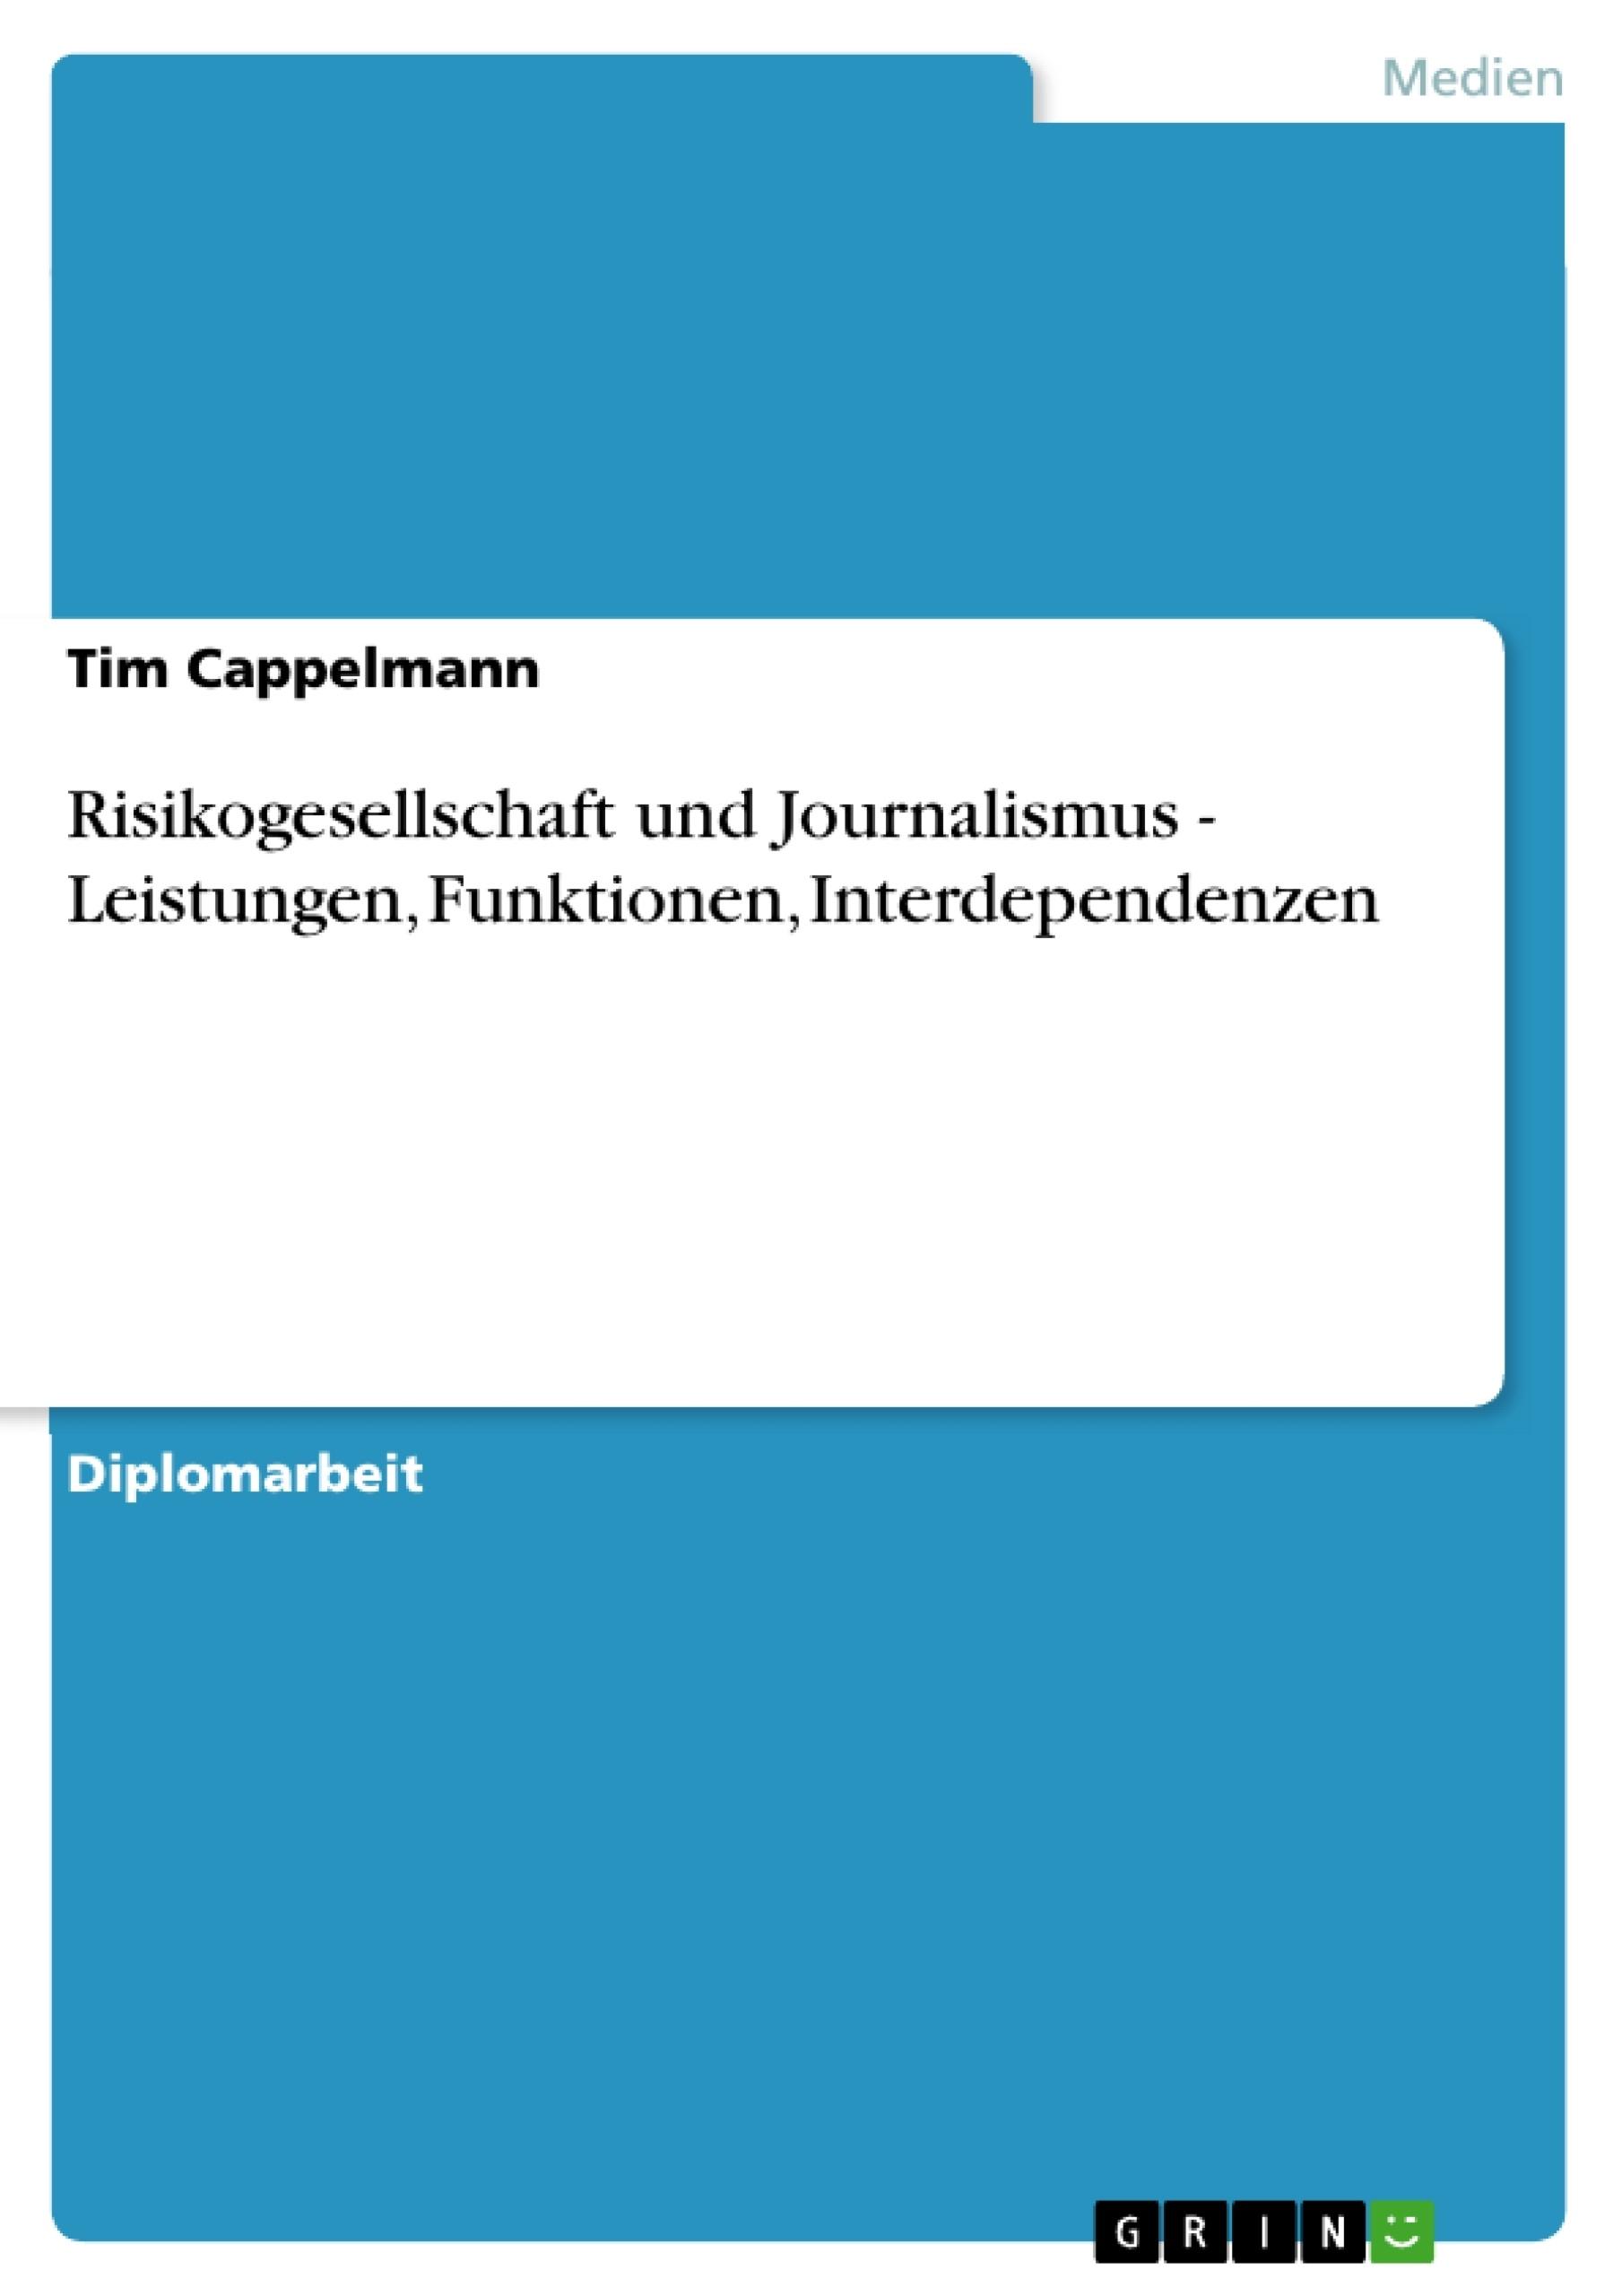 Titel: Risikogesellschaft und Journalismus - Leistungen, Funktionen, Interdependenzen